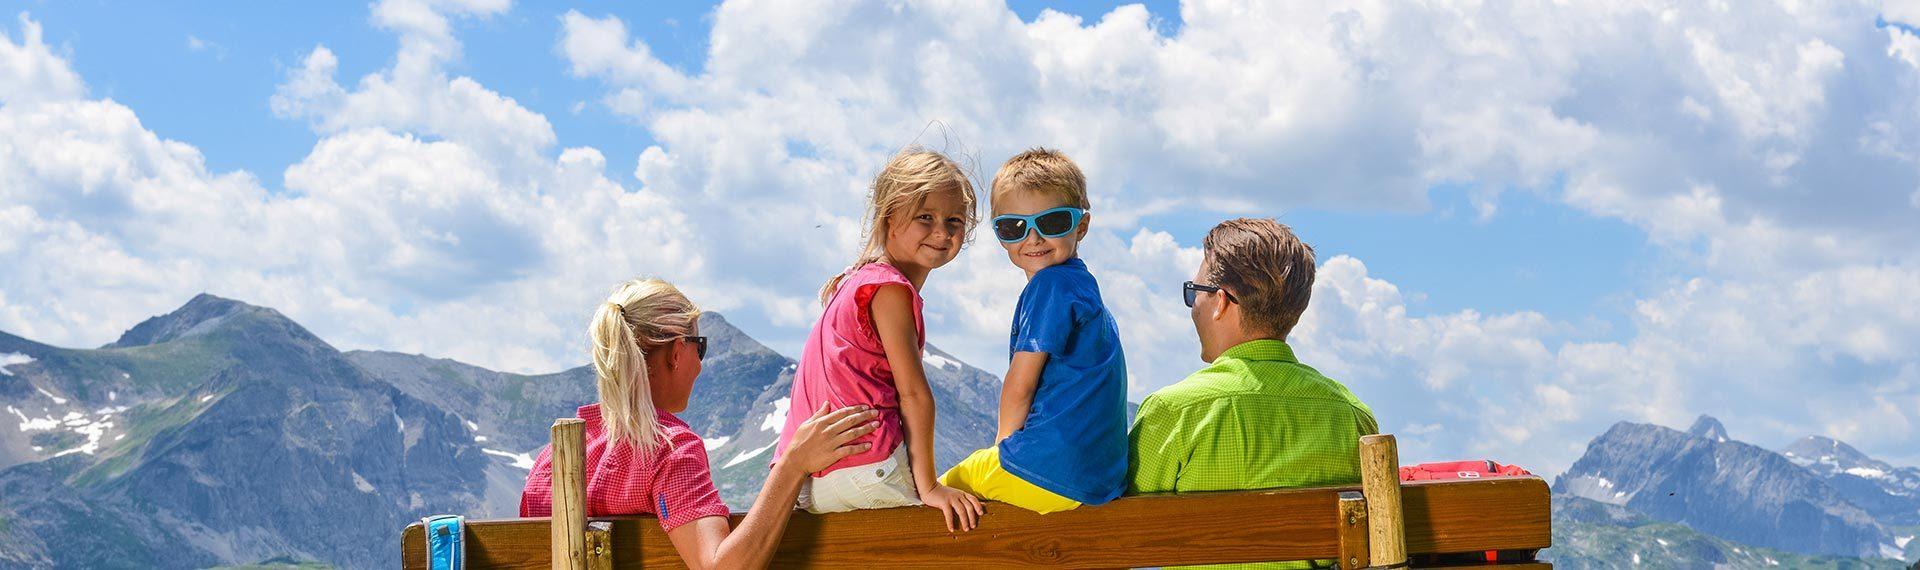 Sommerurlaub in Obertauern, Salzburger Land